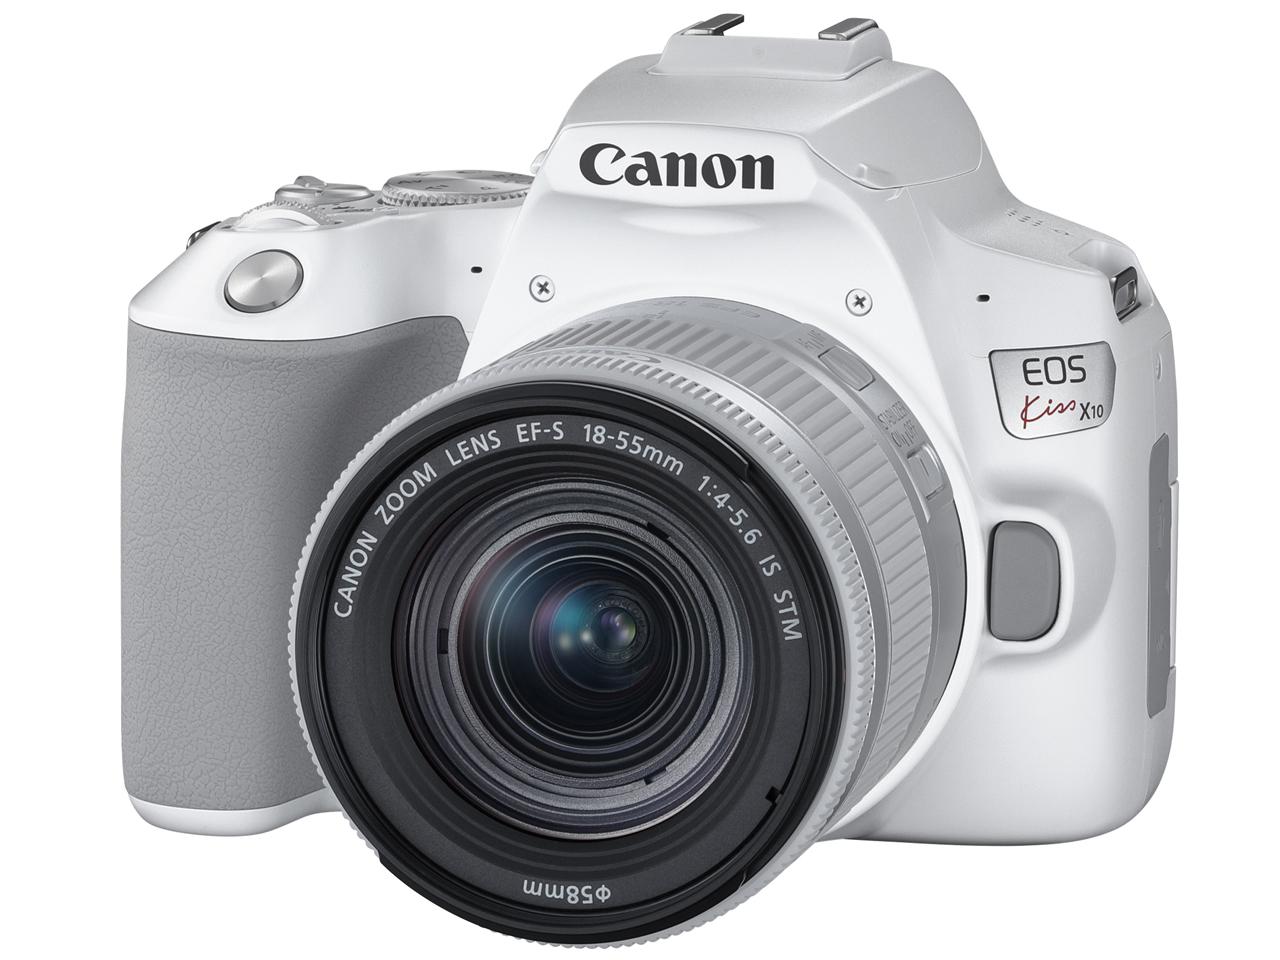 【新品】キヤノン Canon EOS Kiss X10(ホワイト)・EF-S18-55 IS STM レンズキット